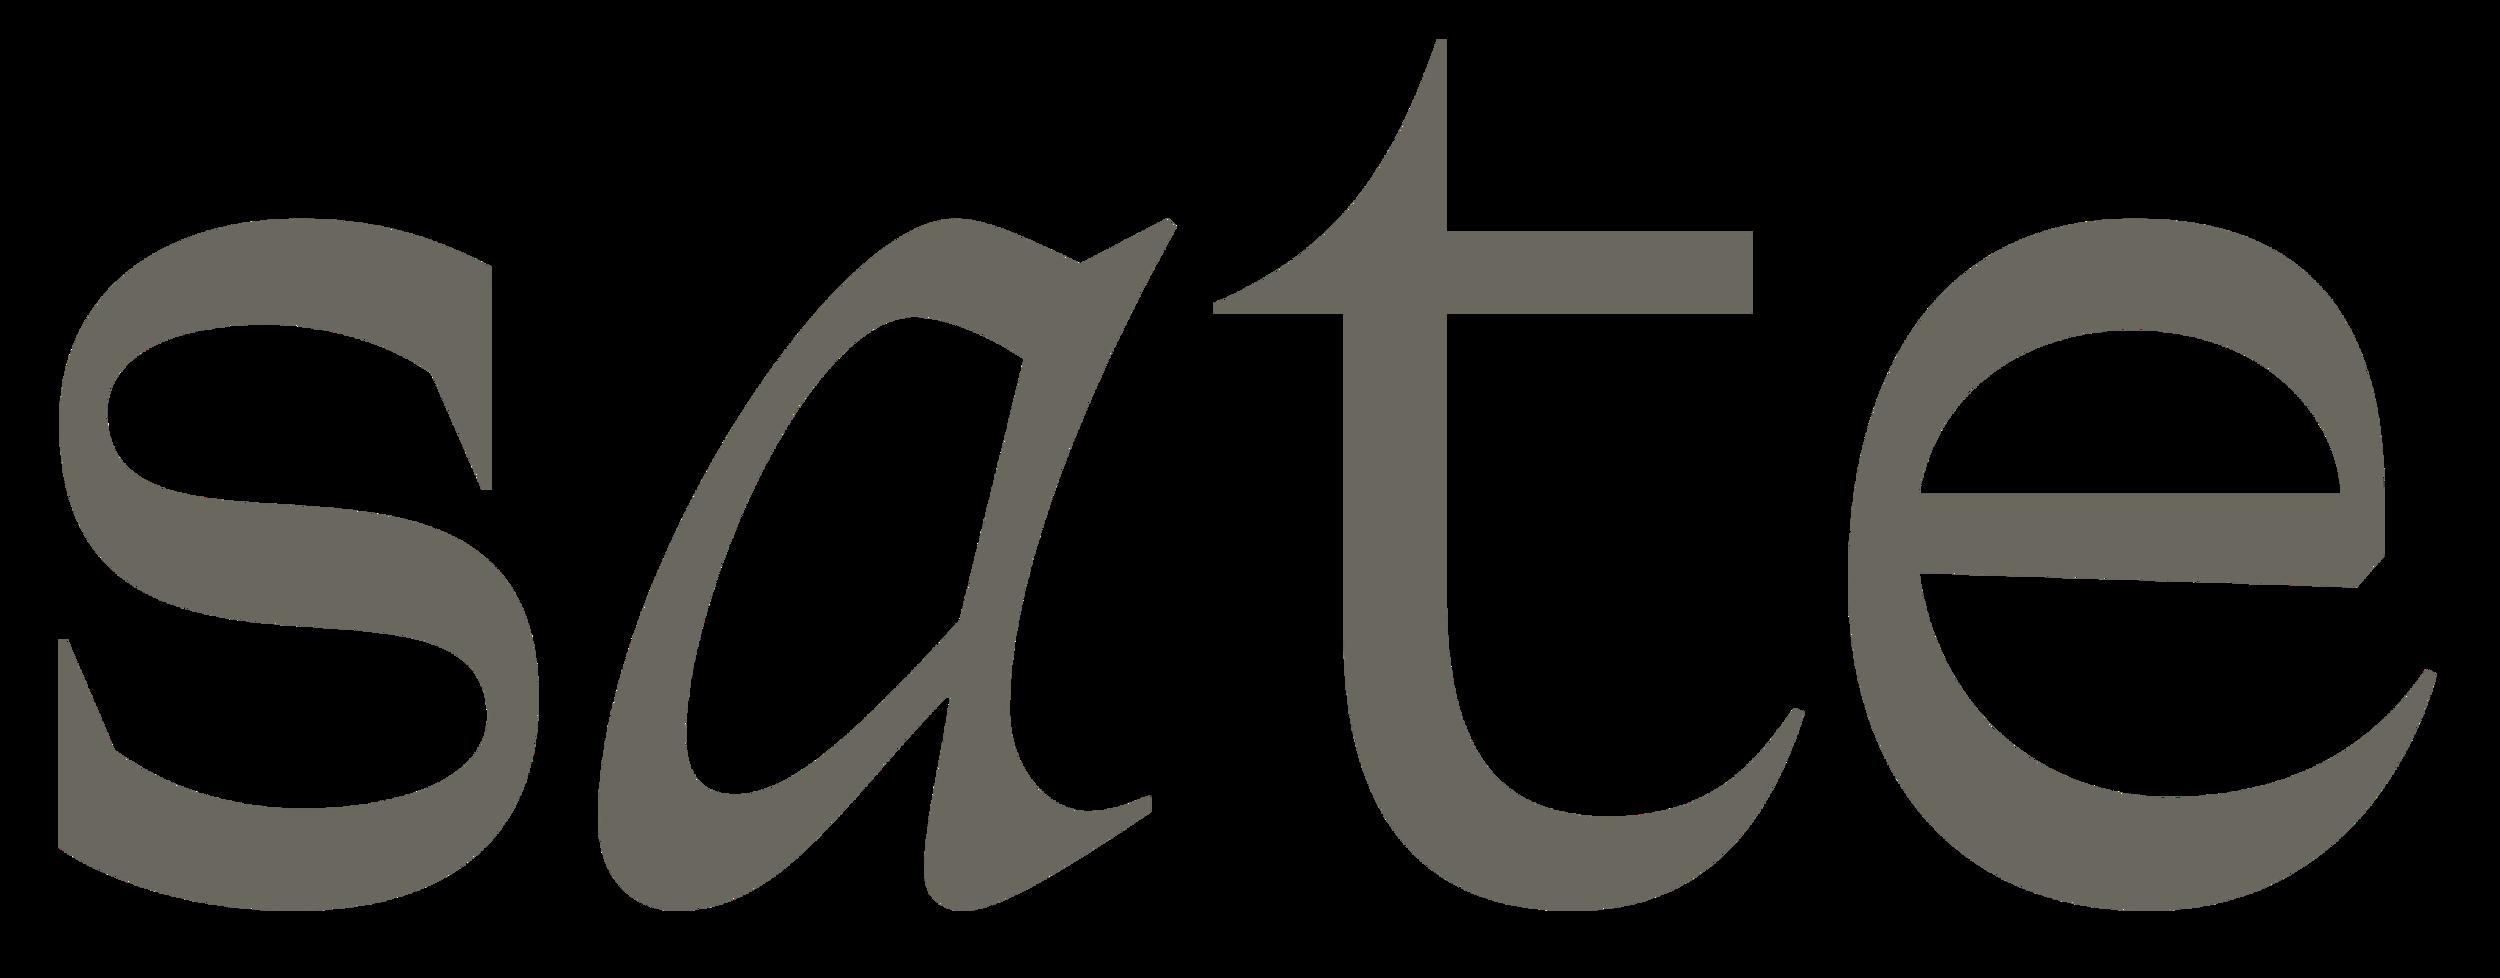 Sate_Logo_Sienna.png